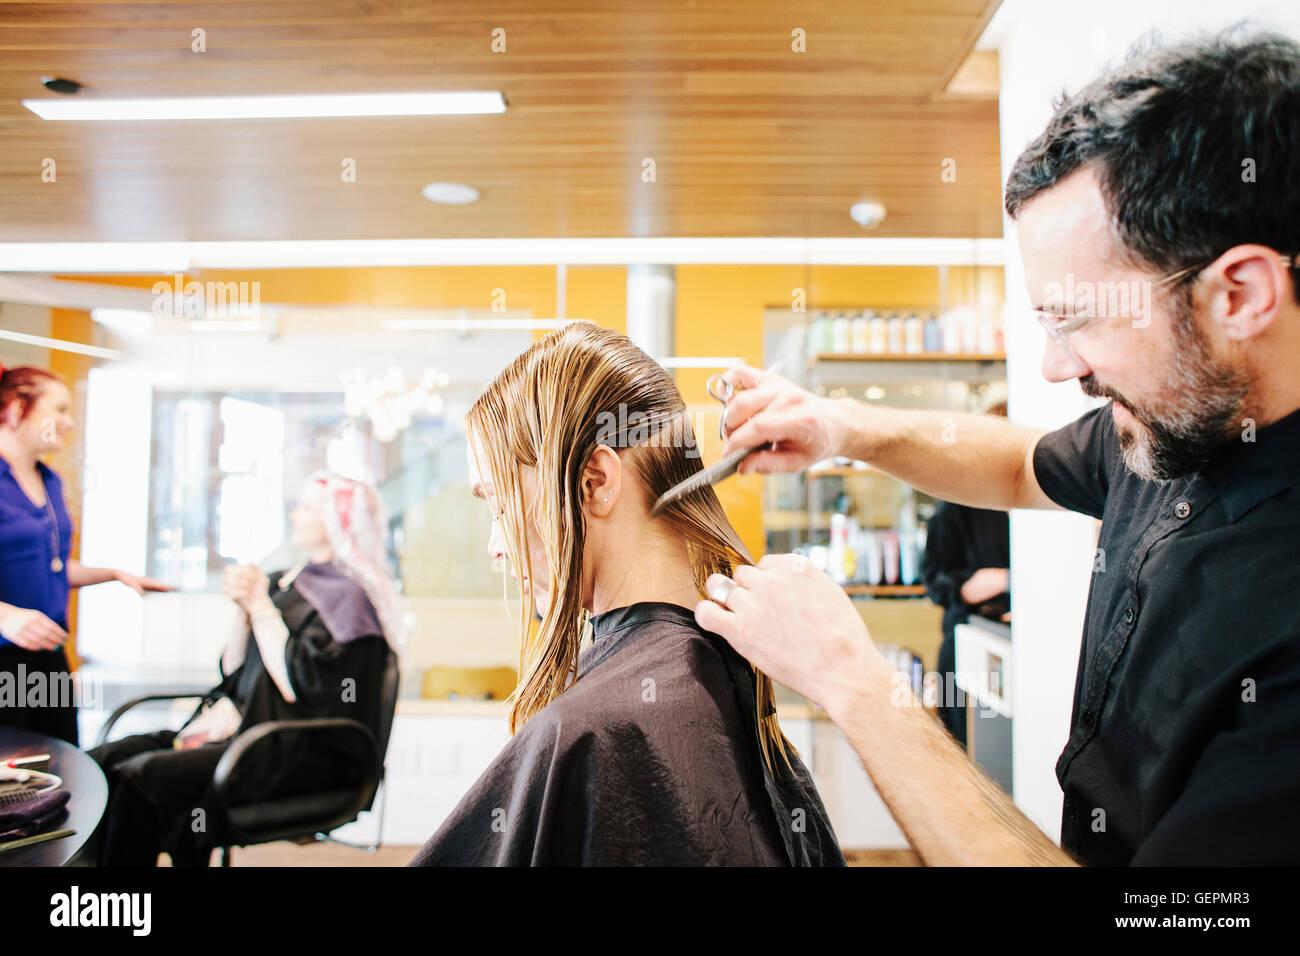 Un salon de beauté avec un client, peignant ses longs cheveux en sections. Photo Stock